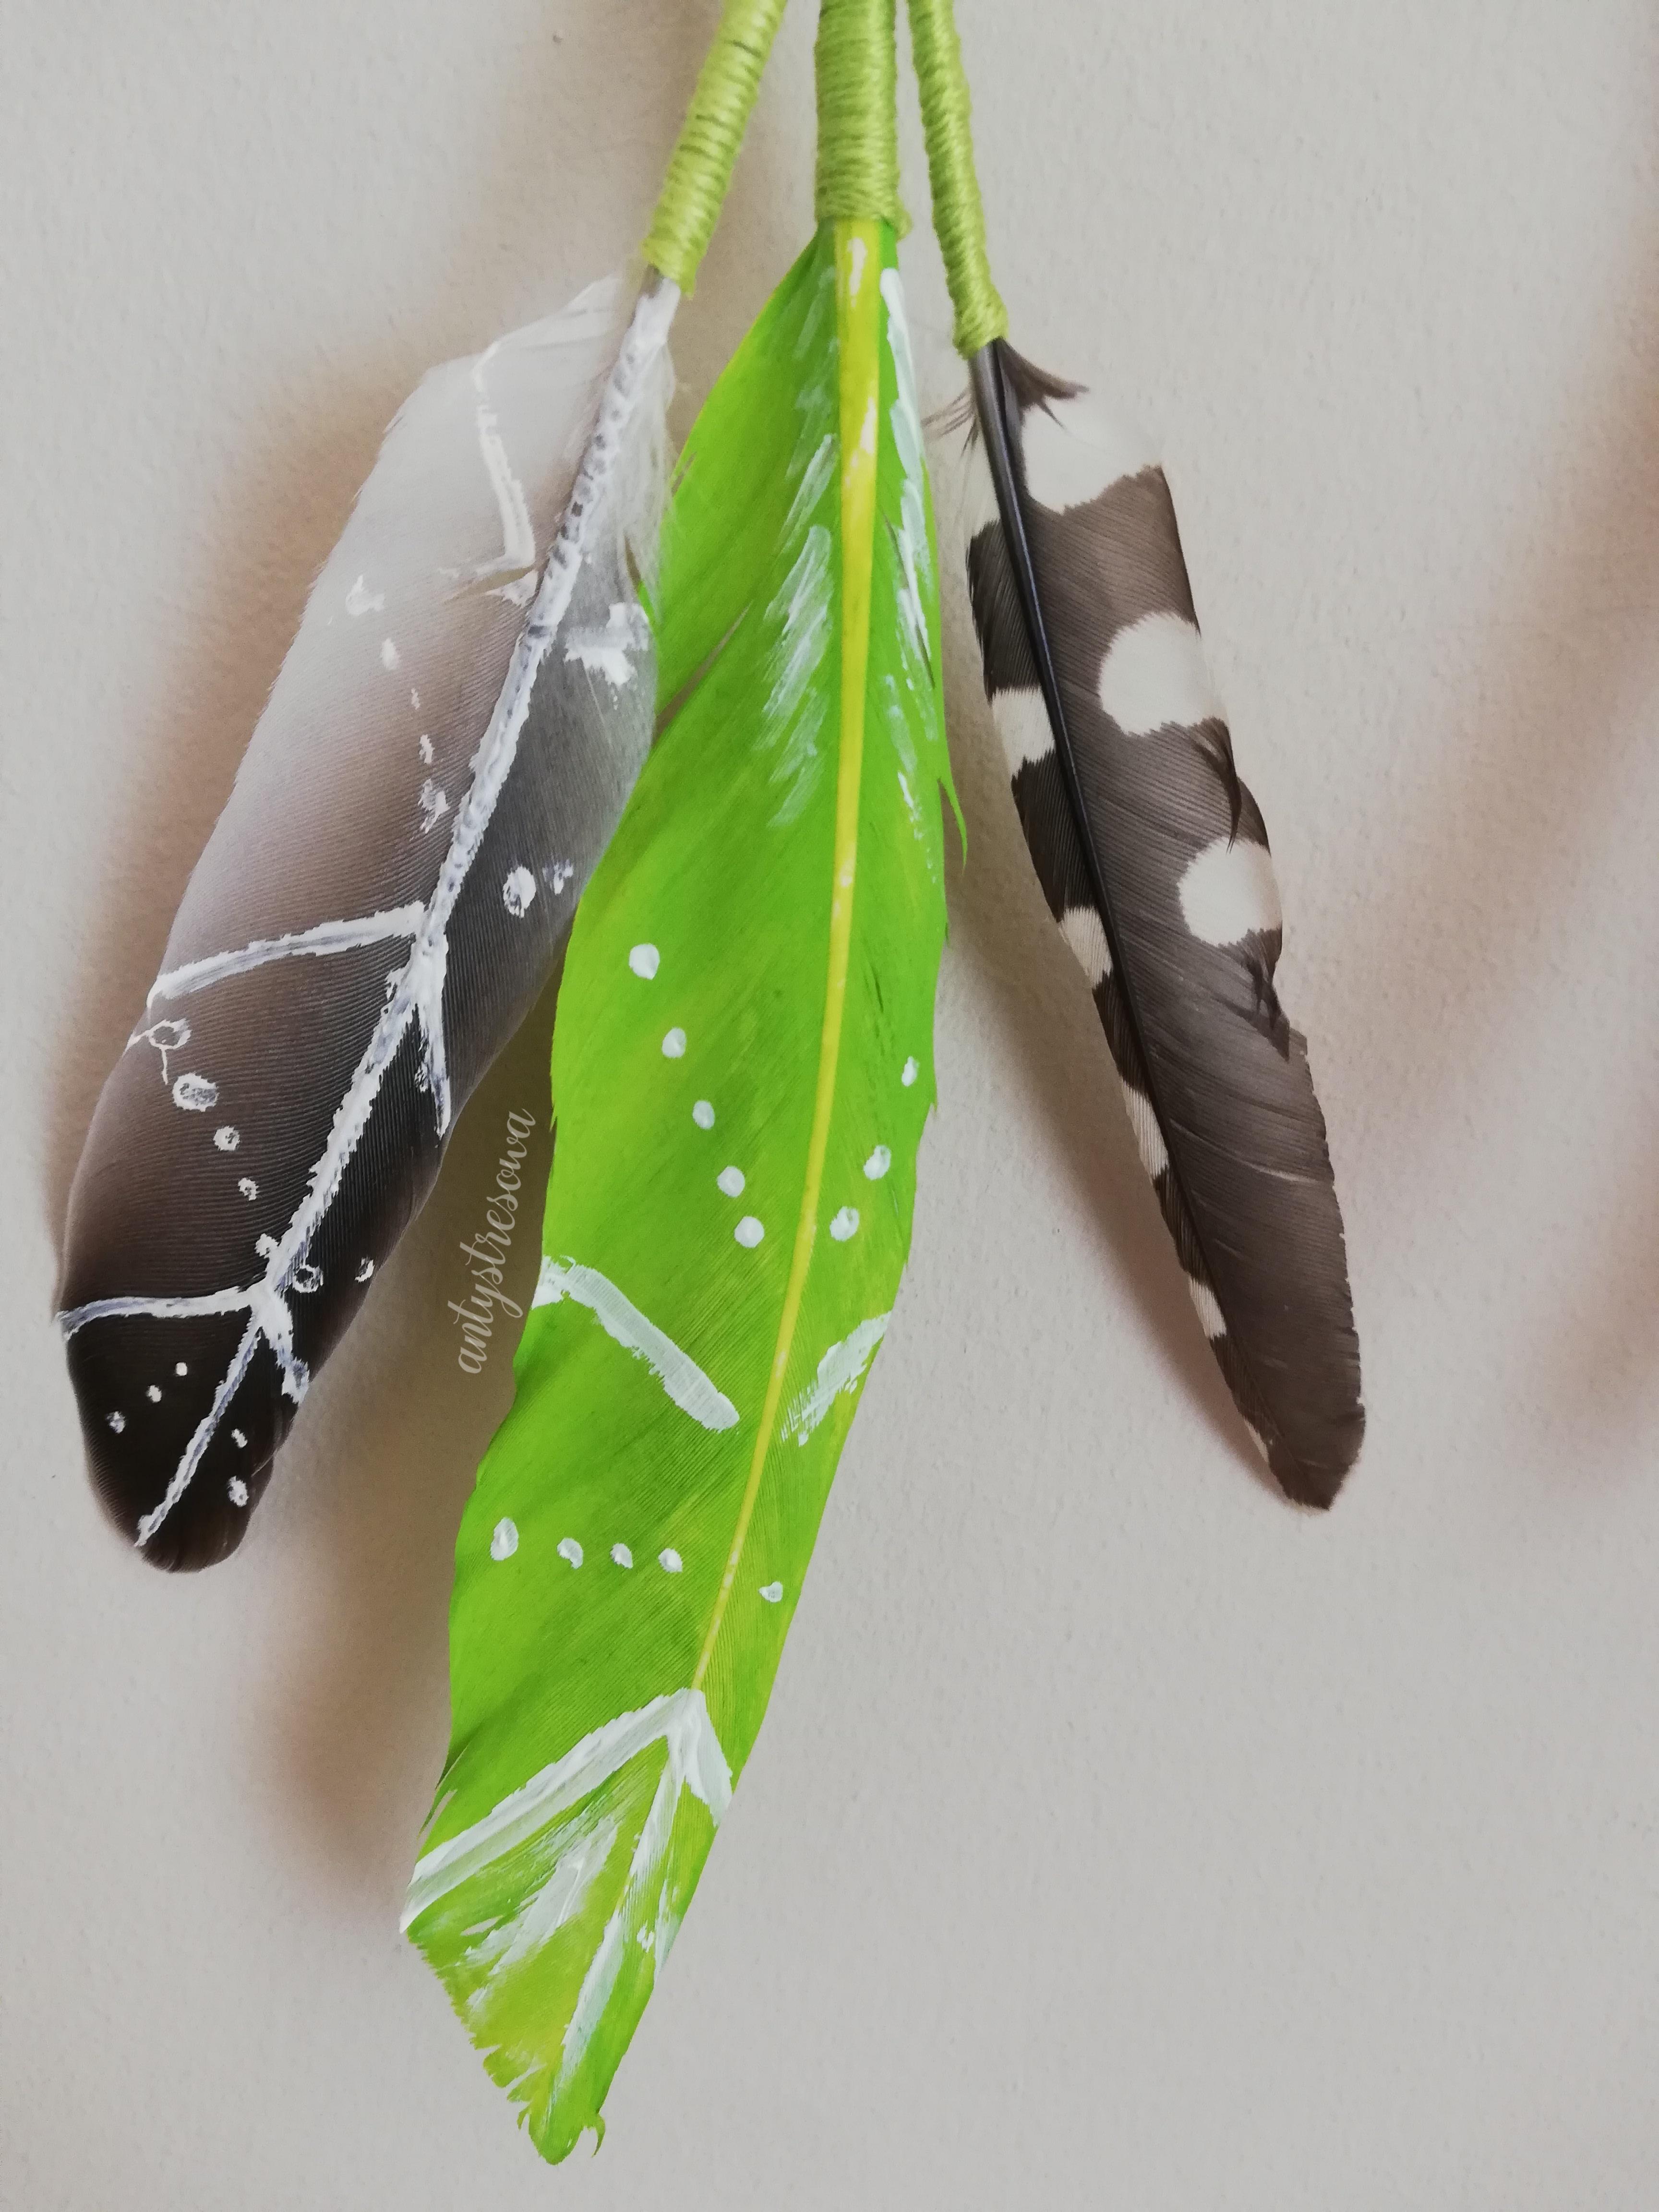 Łapacz snów - pióra naturalne i barwione